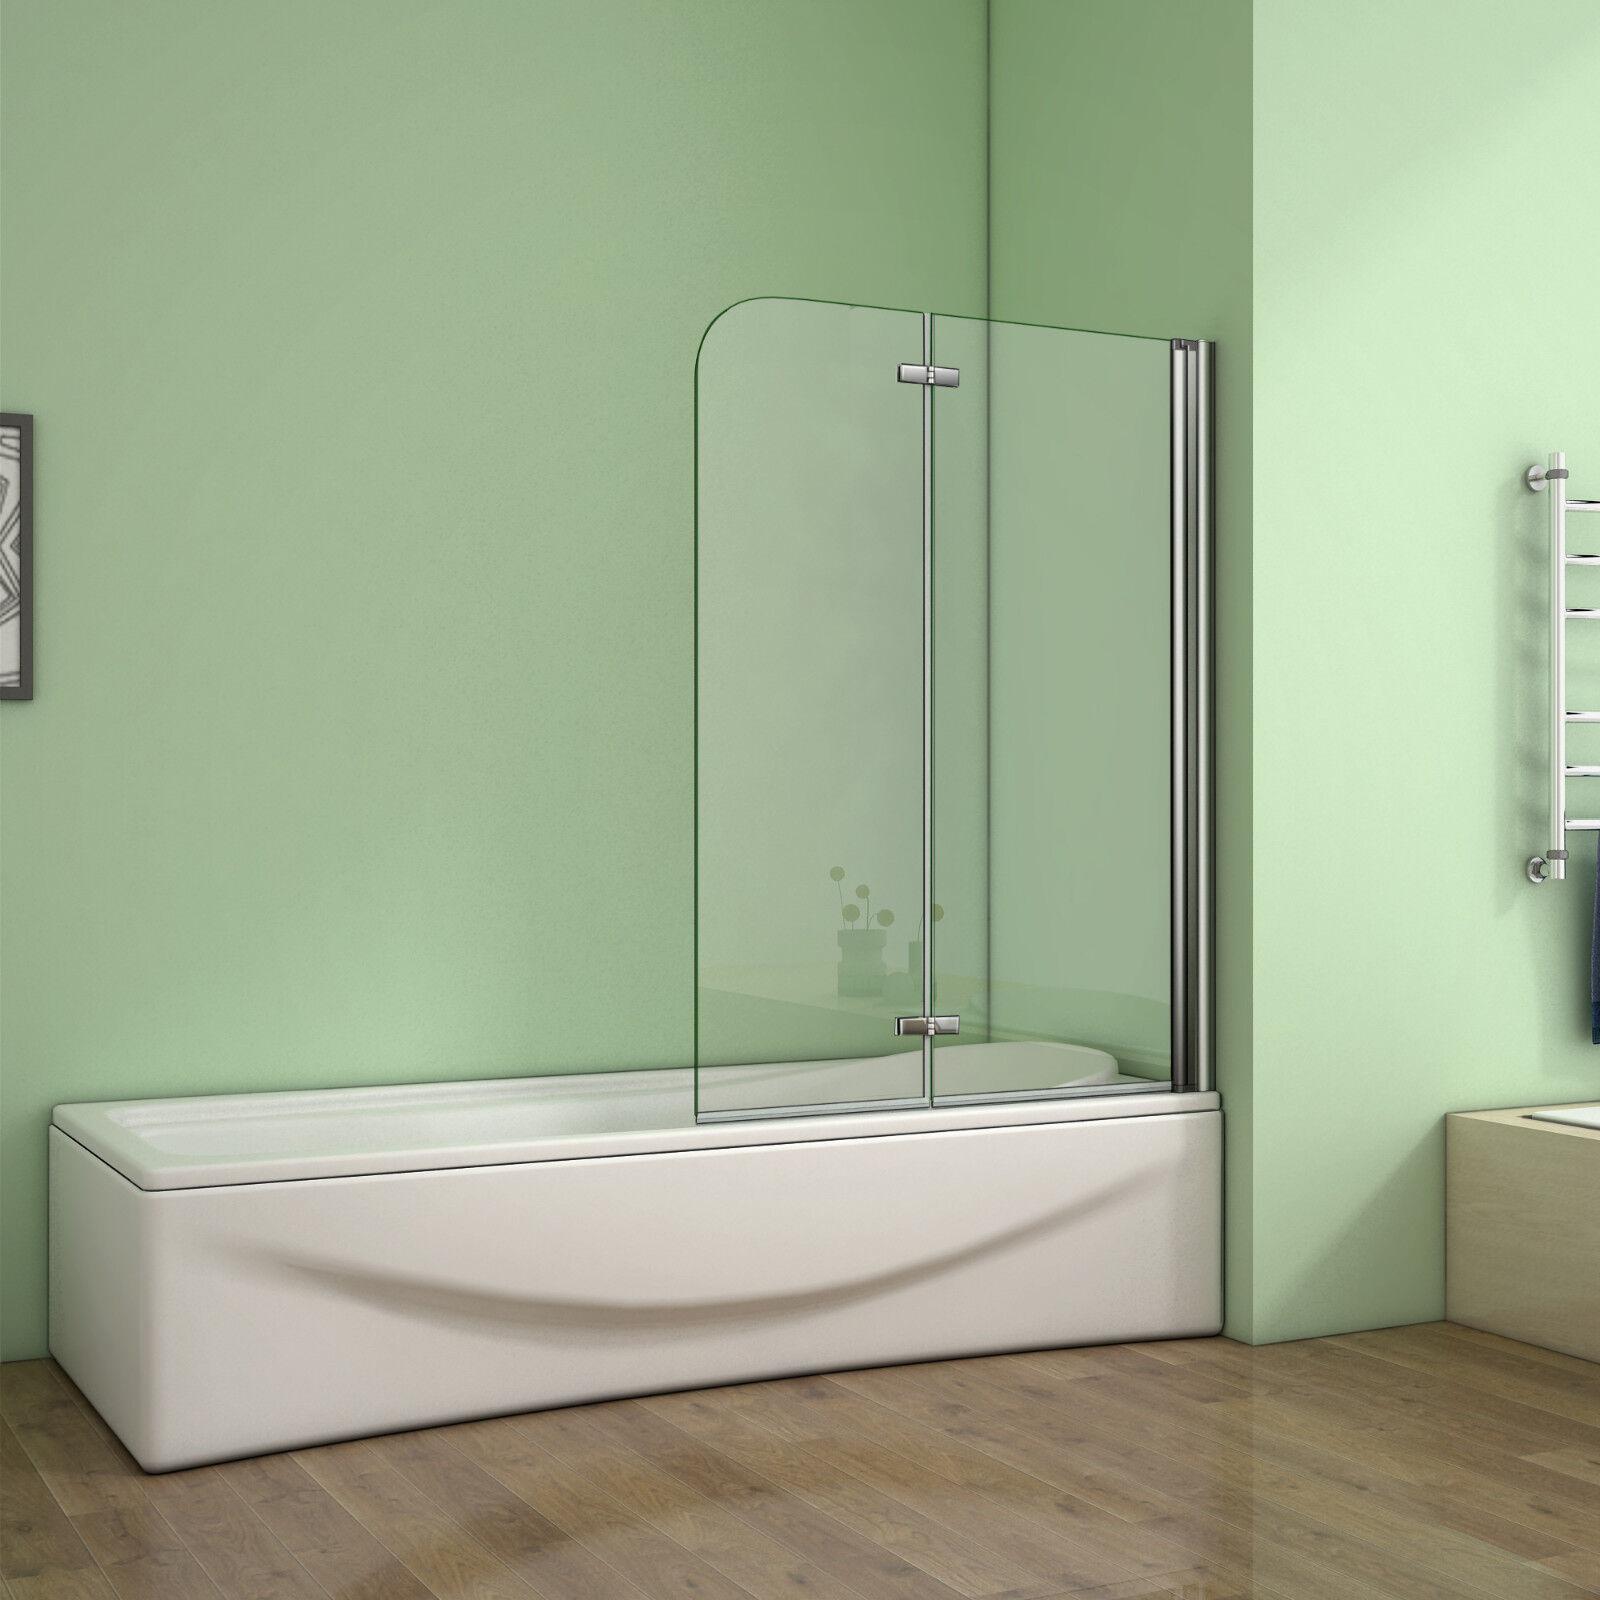 1100x140cm Badewannen-Faltwand Duschabtrennung Glaswand Badewannenaufsatz M14